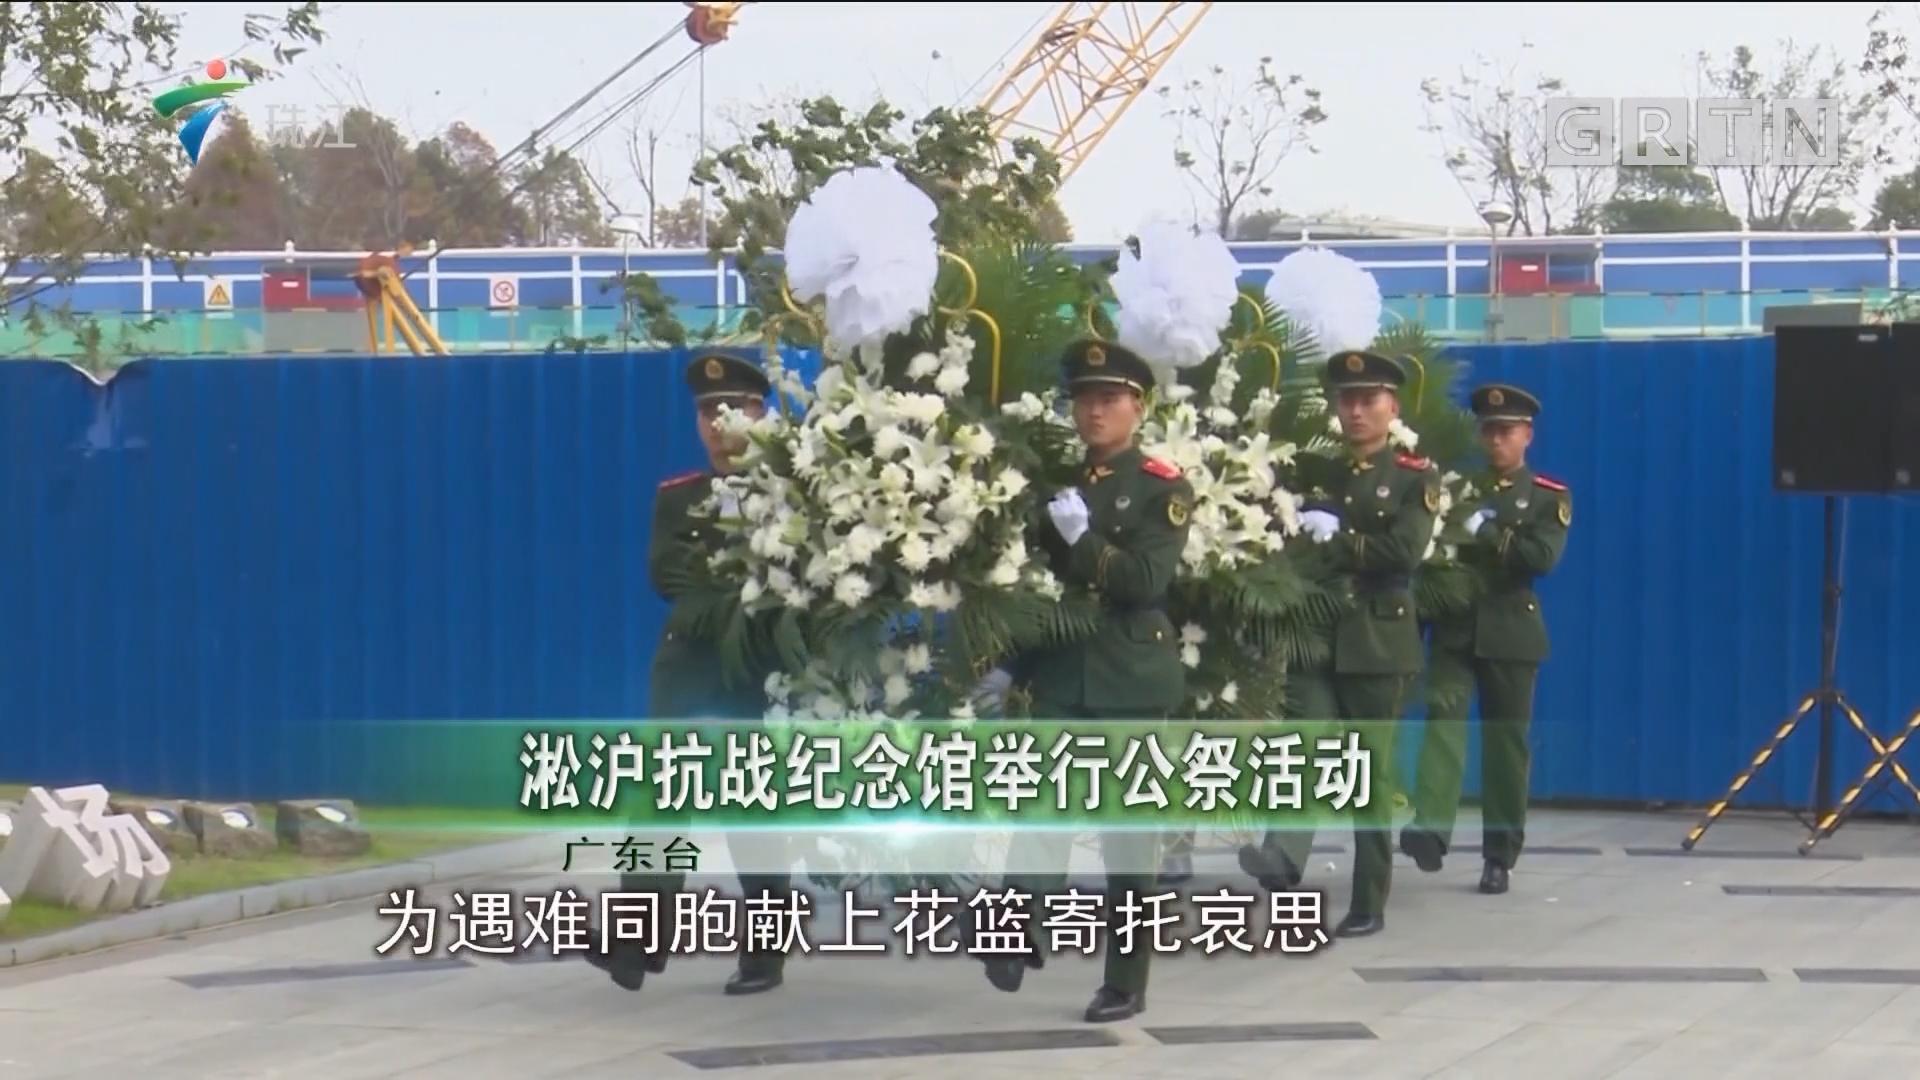 淞沪抗战纪念馆举行公祭活动